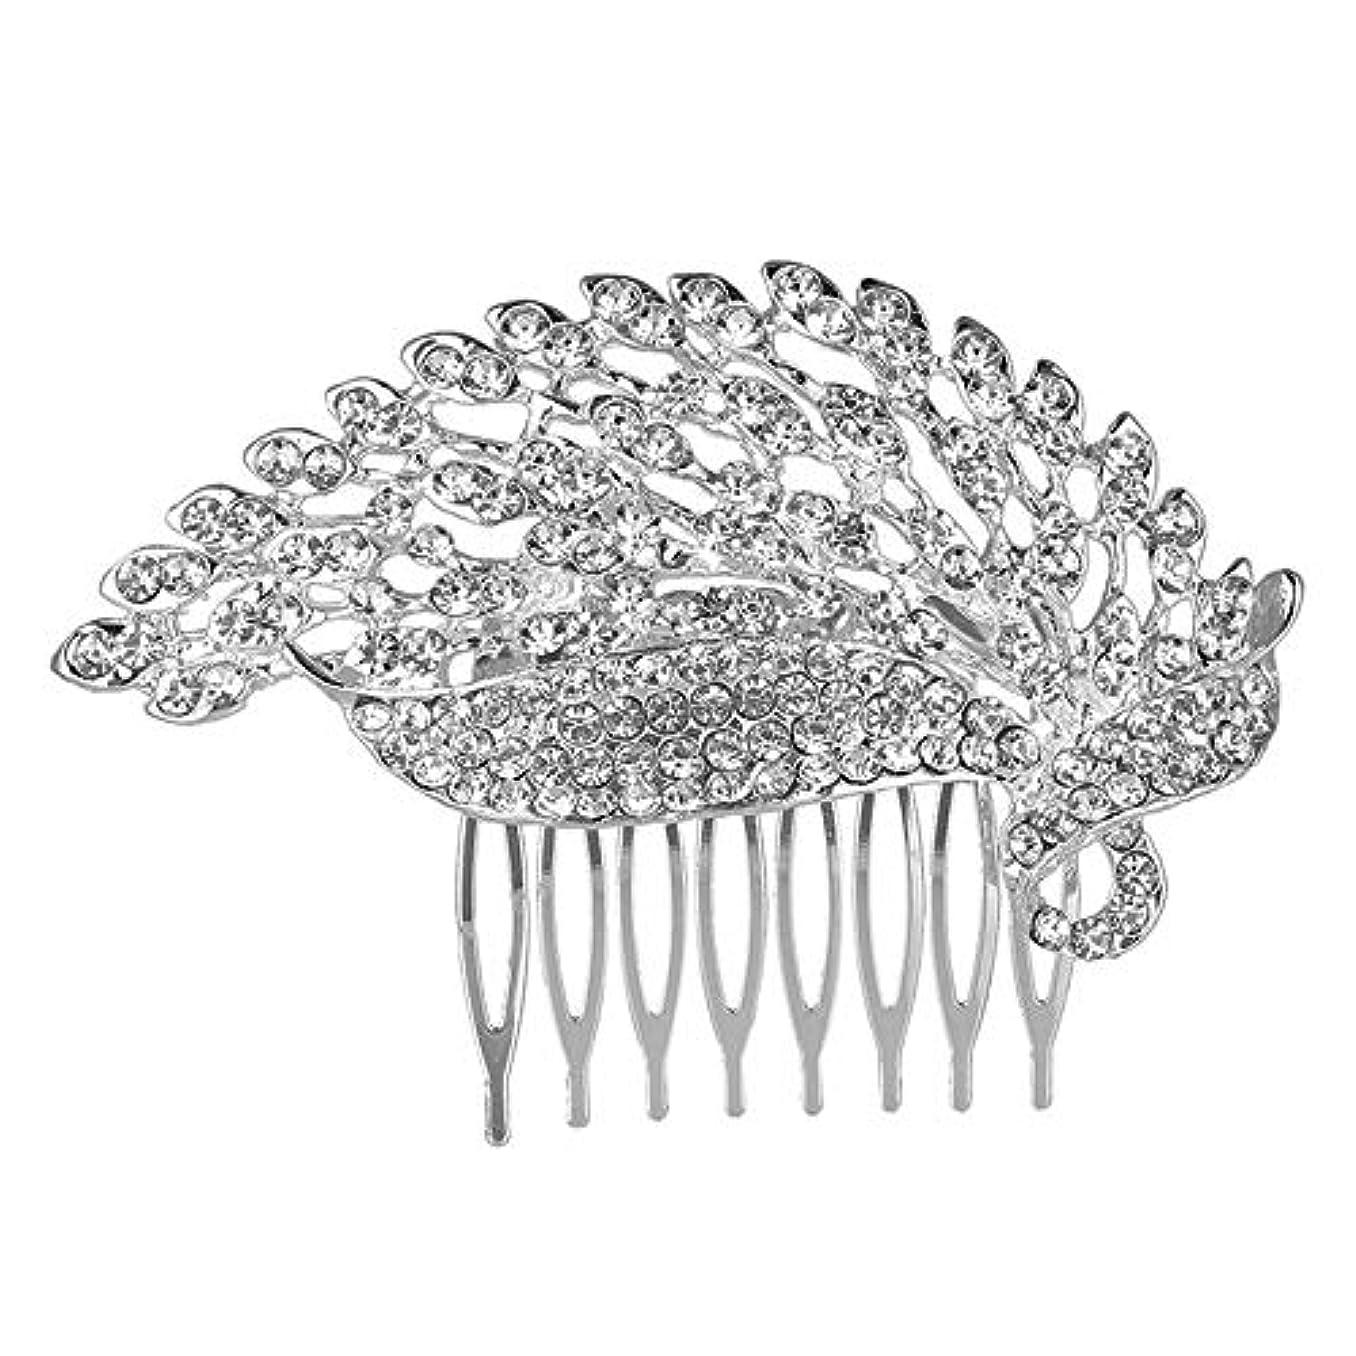 ピンポイント運命整理する髪の櫛の櫛の櫛の花嫁の櫛の櫛の櫛の花嫁の頭飾りの結婚式のアクセサリー合金